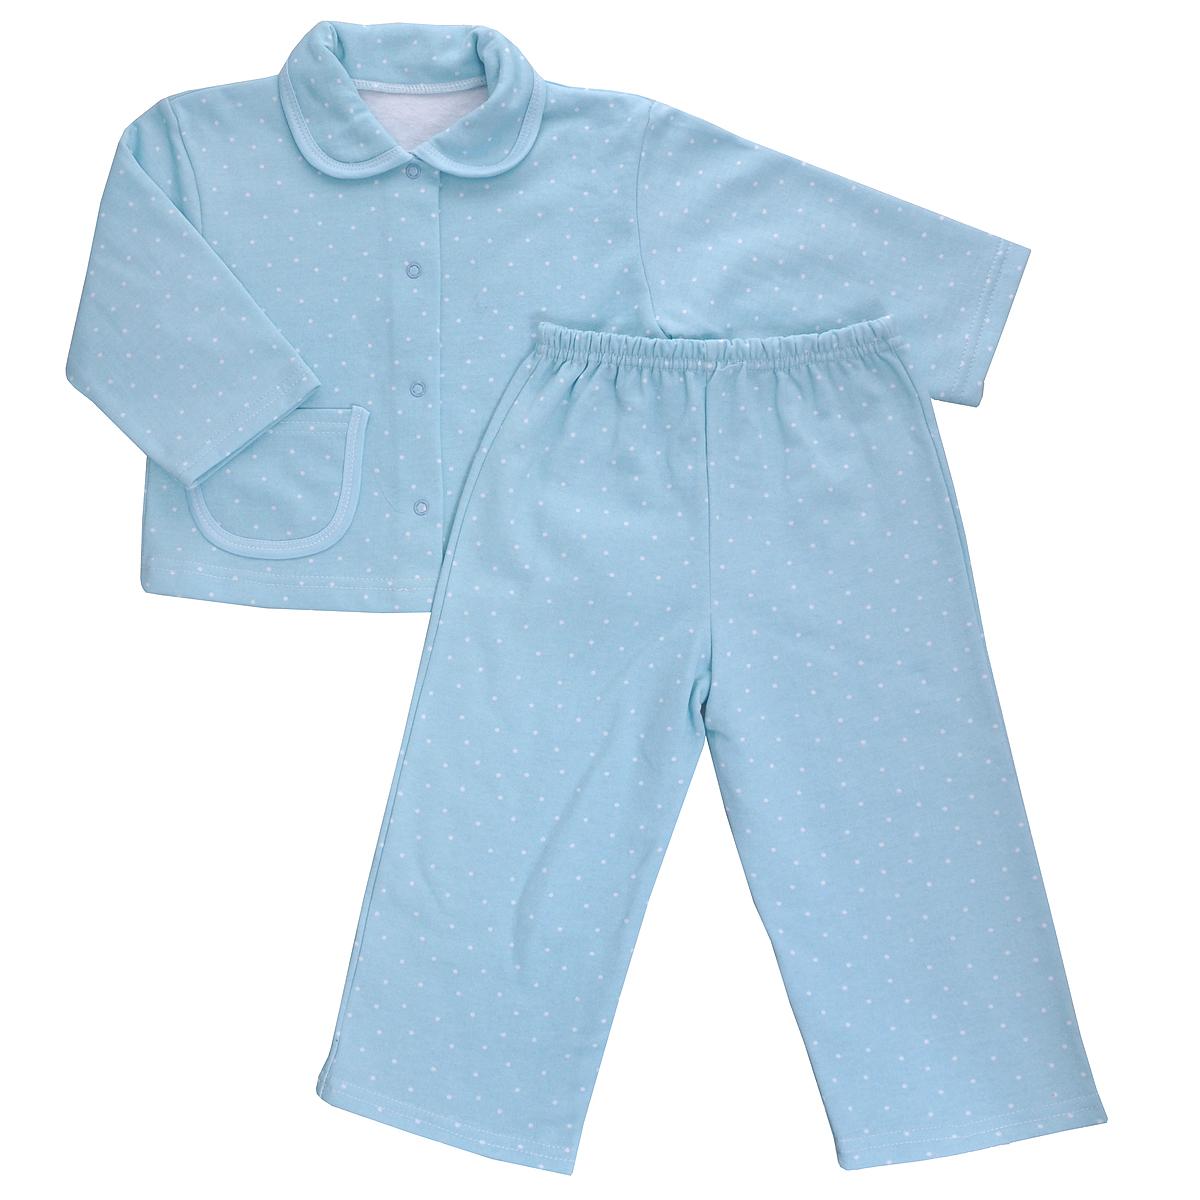 Пижама детская Трон-плюс, цвет: голубой, белый, рисунок горох. 5552. Размер 80/86, 1-2 года